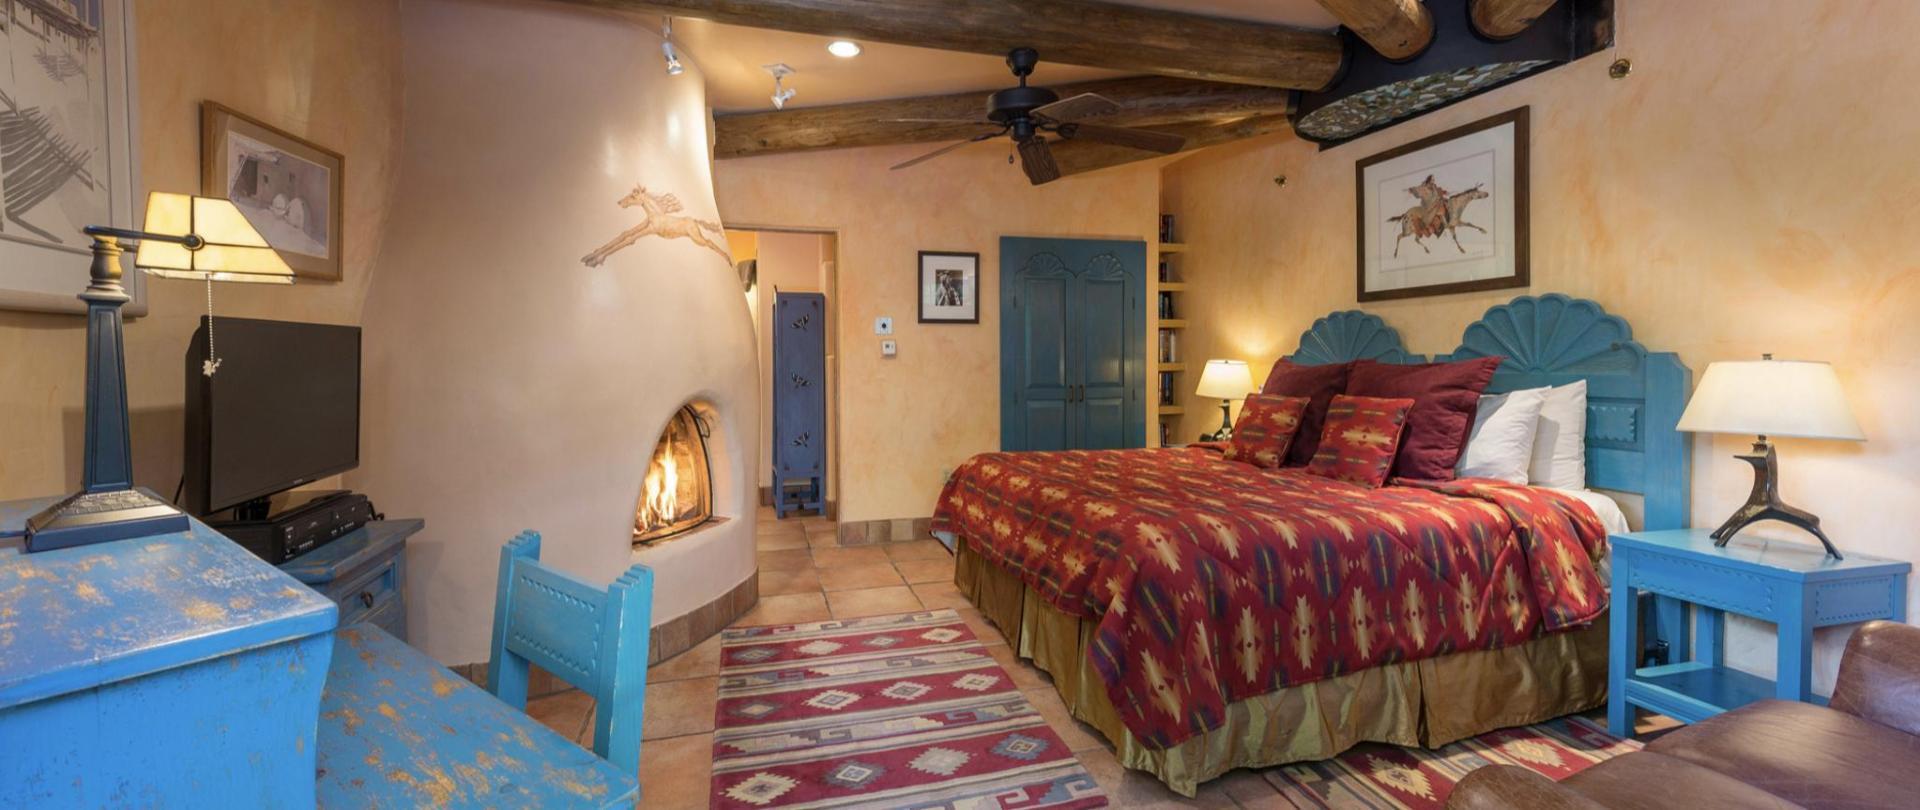 Taos Pueblo King Room